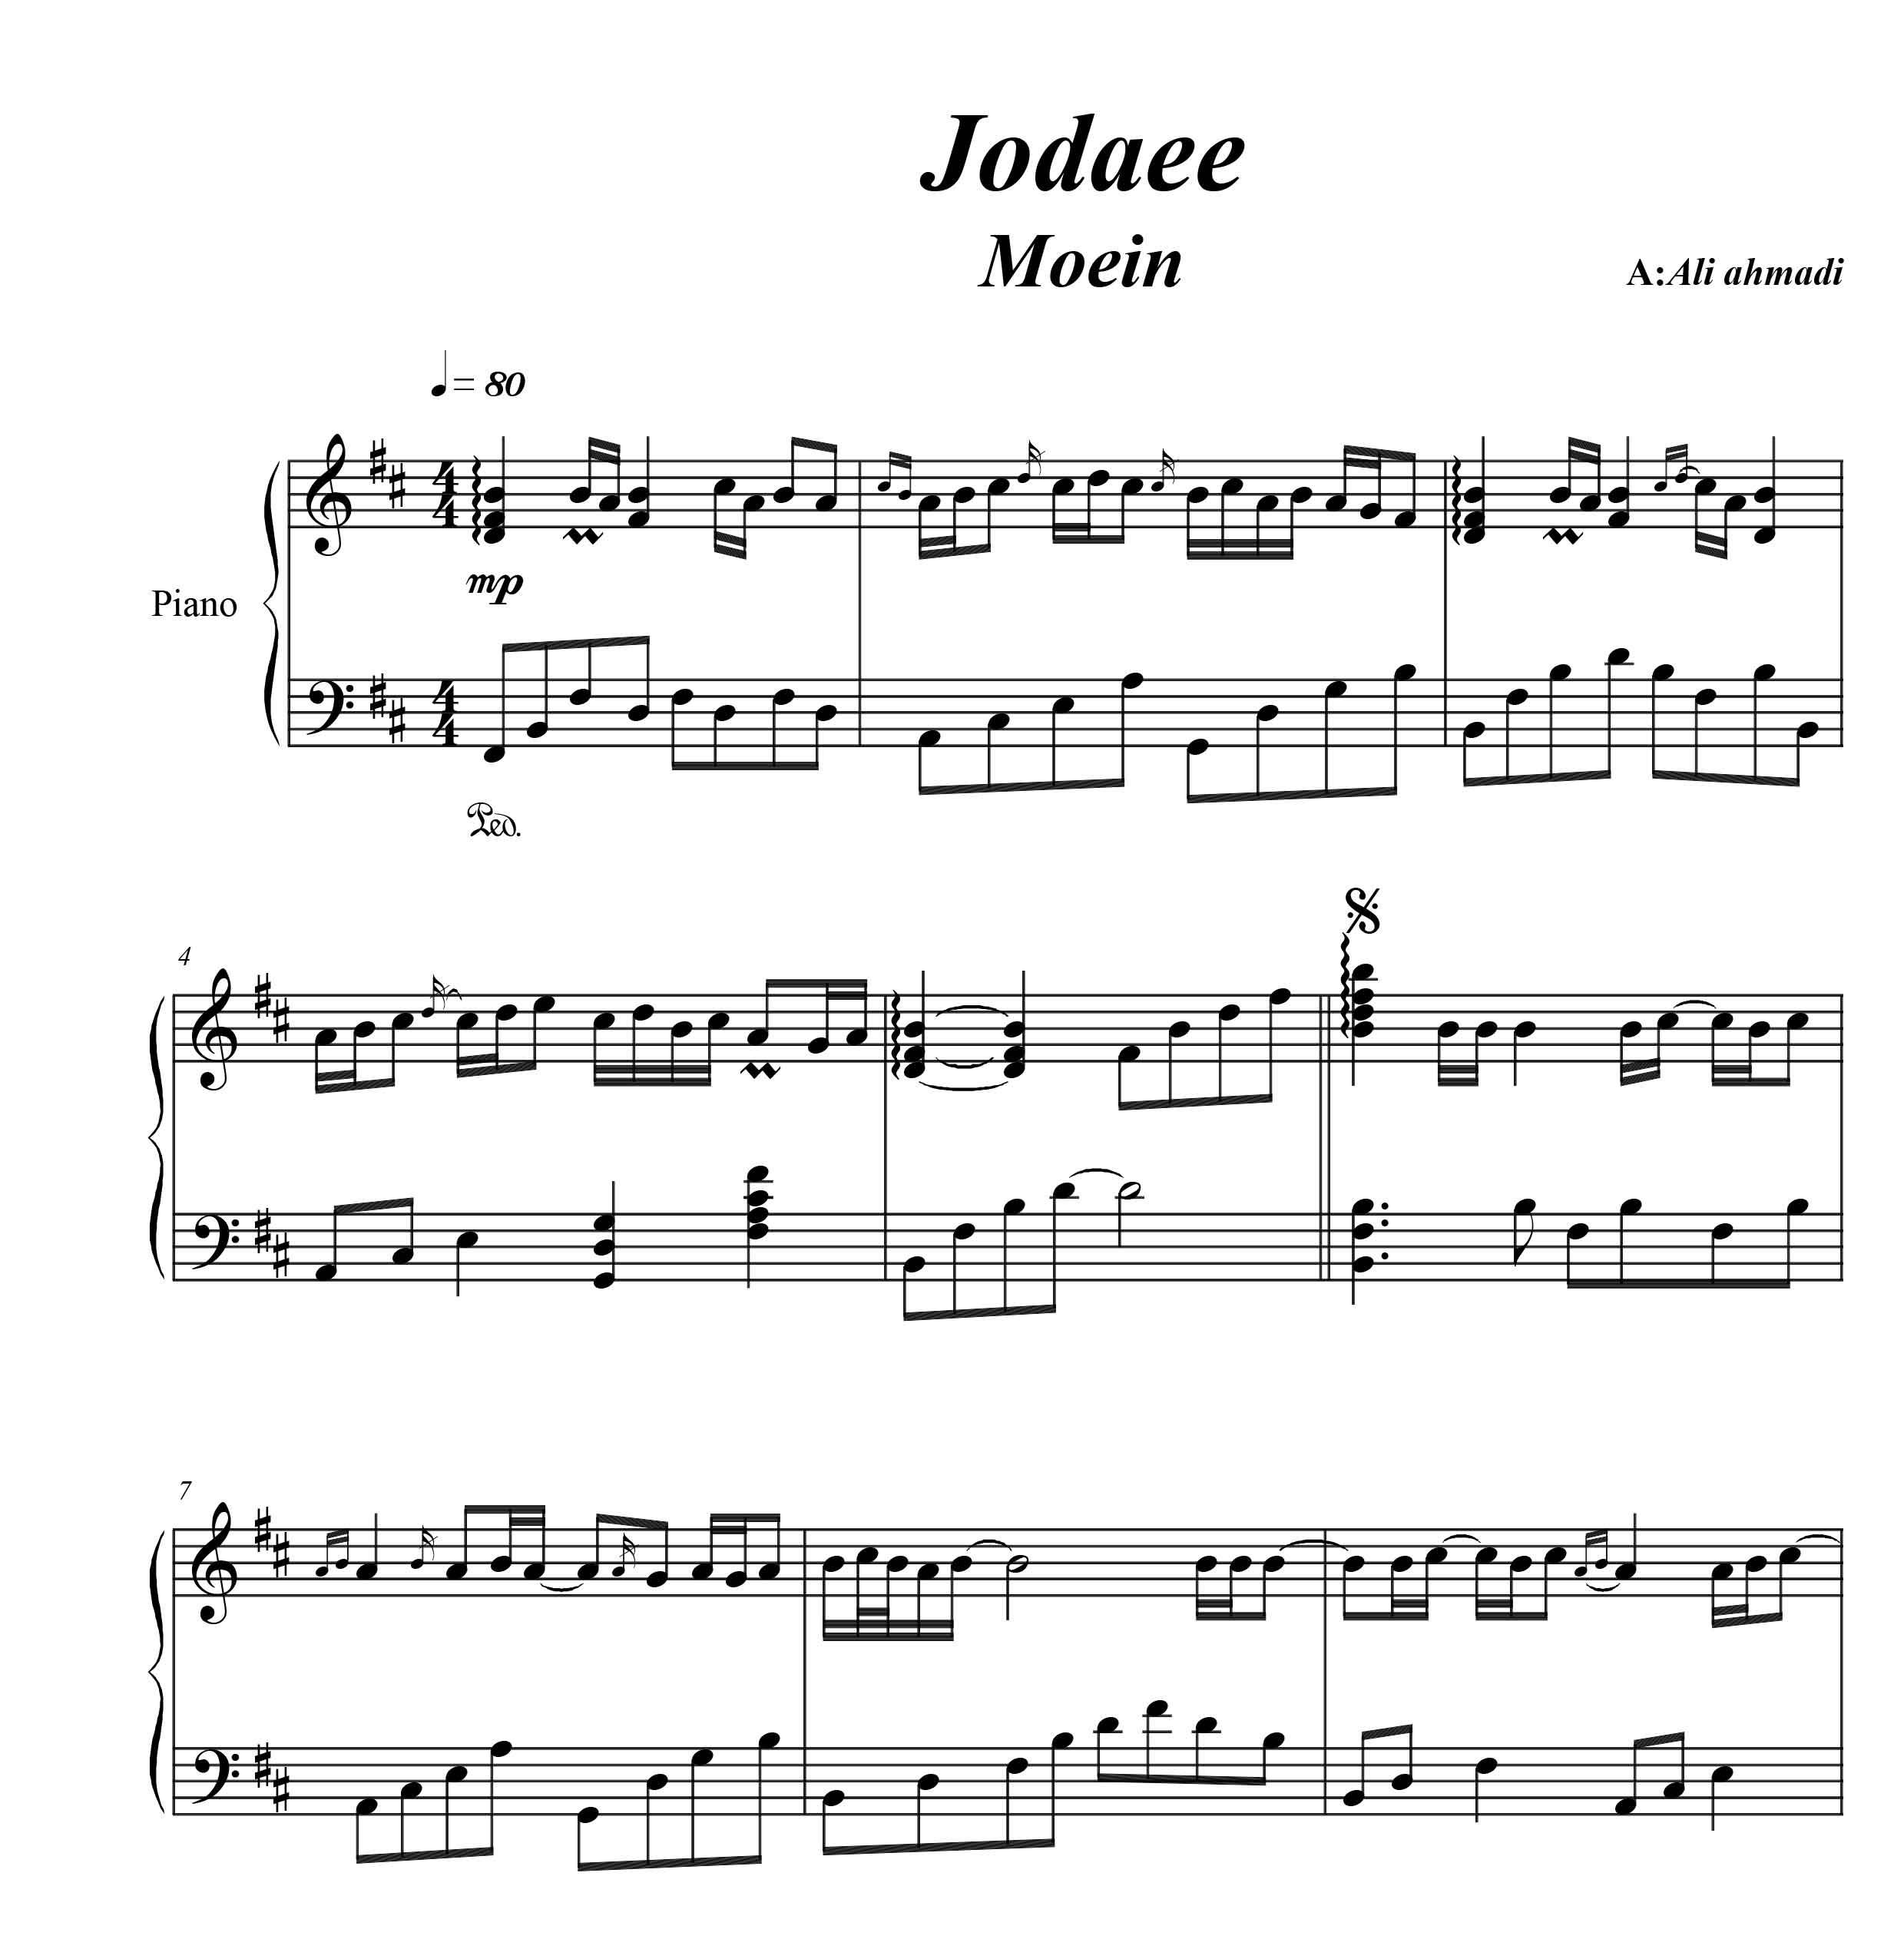 نت پیانو آهنگ جدایی از معین